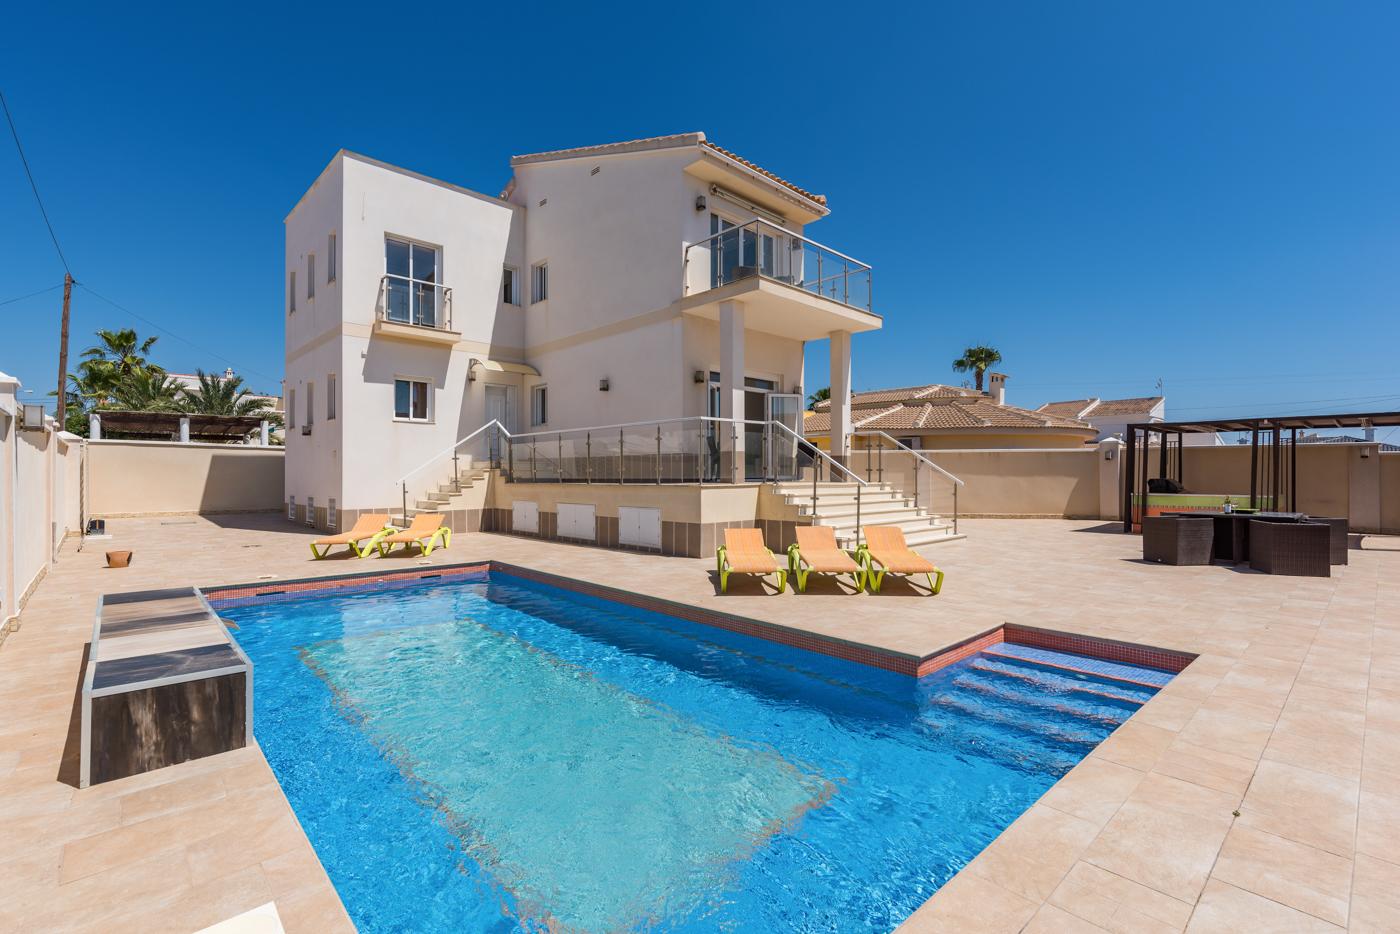 Ref:KT-37179 Villa For Sale in Ciudad Quesada